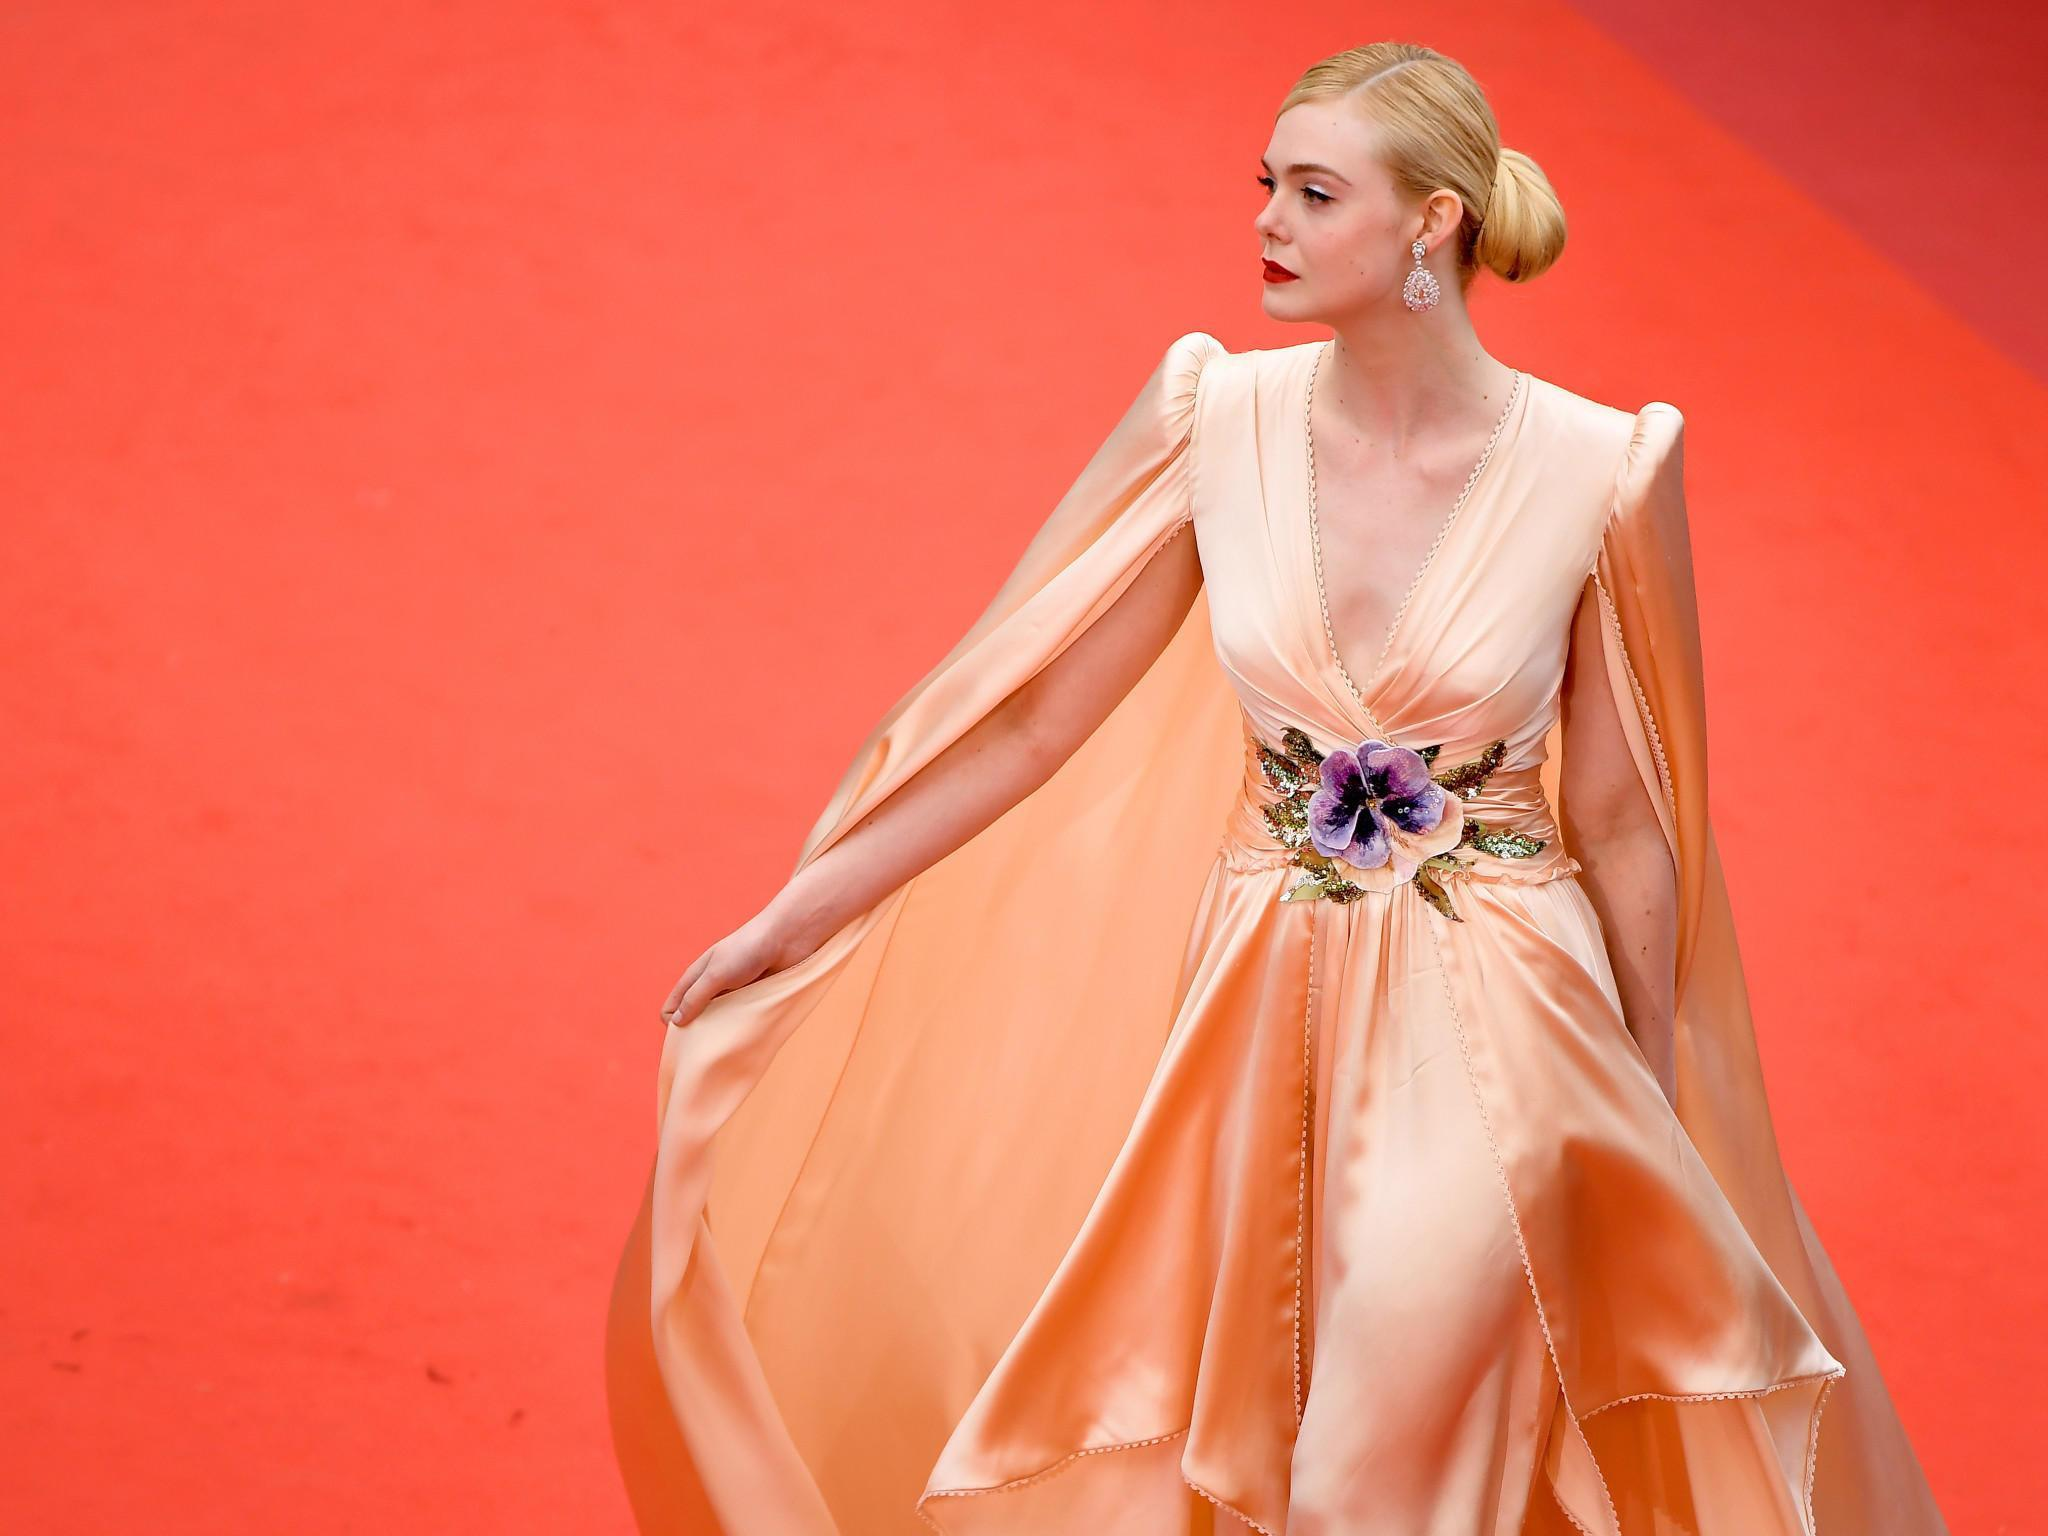 Elle Fanning - tiểu thư yêu kiều giữa dàn sao mặc lố tại Cannes Ảnh 2